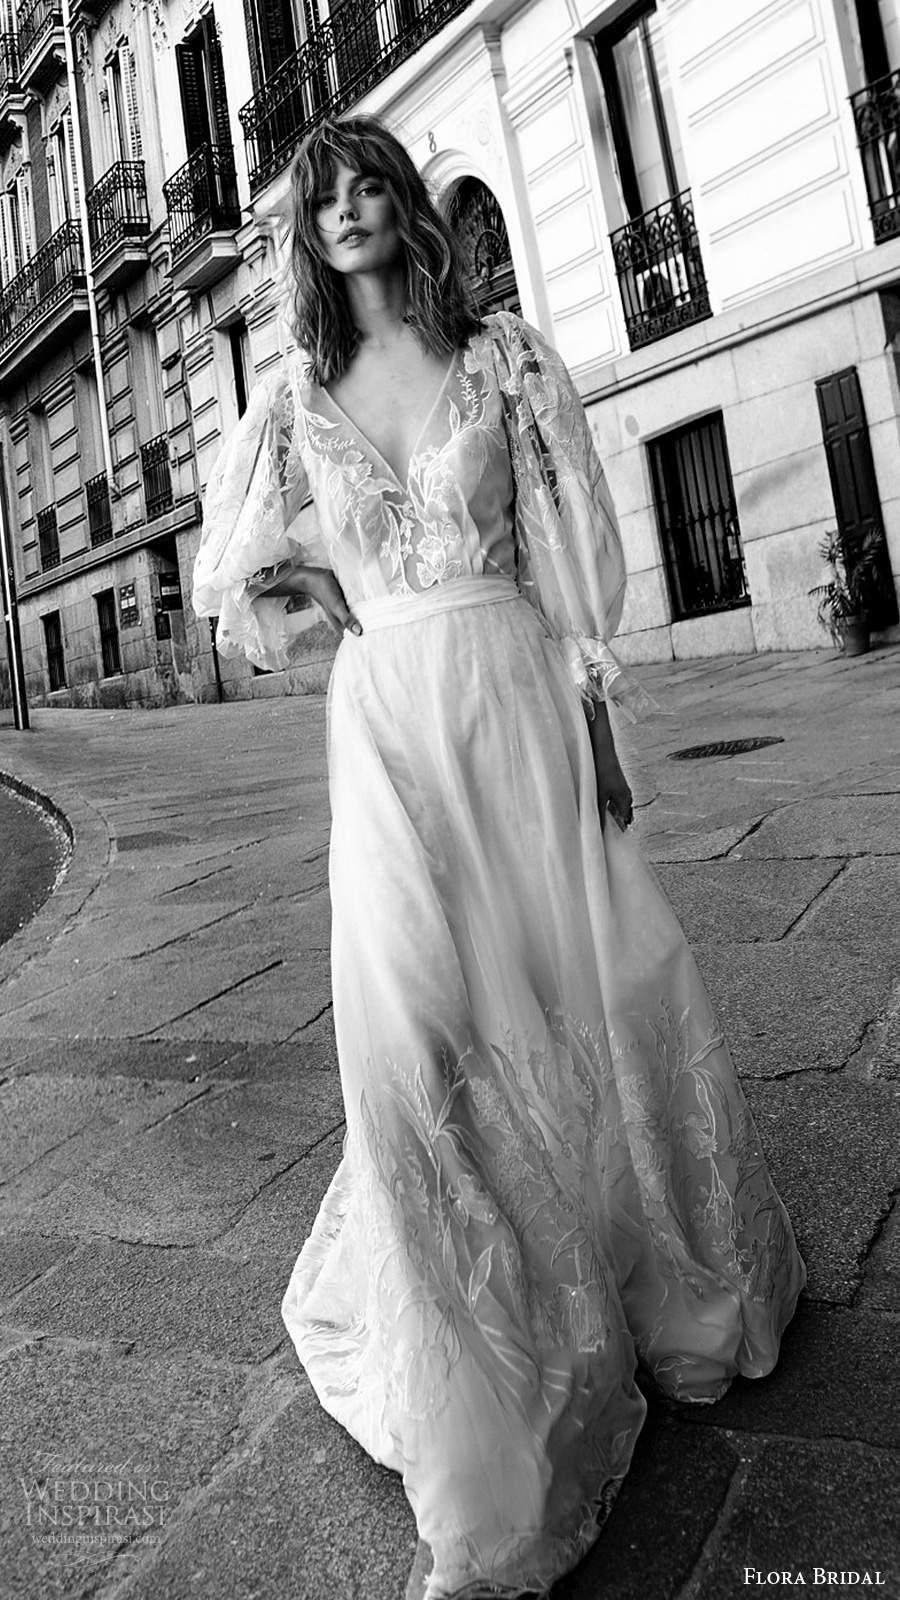 flora bridal 2020 bridal 3 quarter bishop sleeves plunging v neckline sheer embellished bodice a line boho chic wedding dress sweep train (3) mv